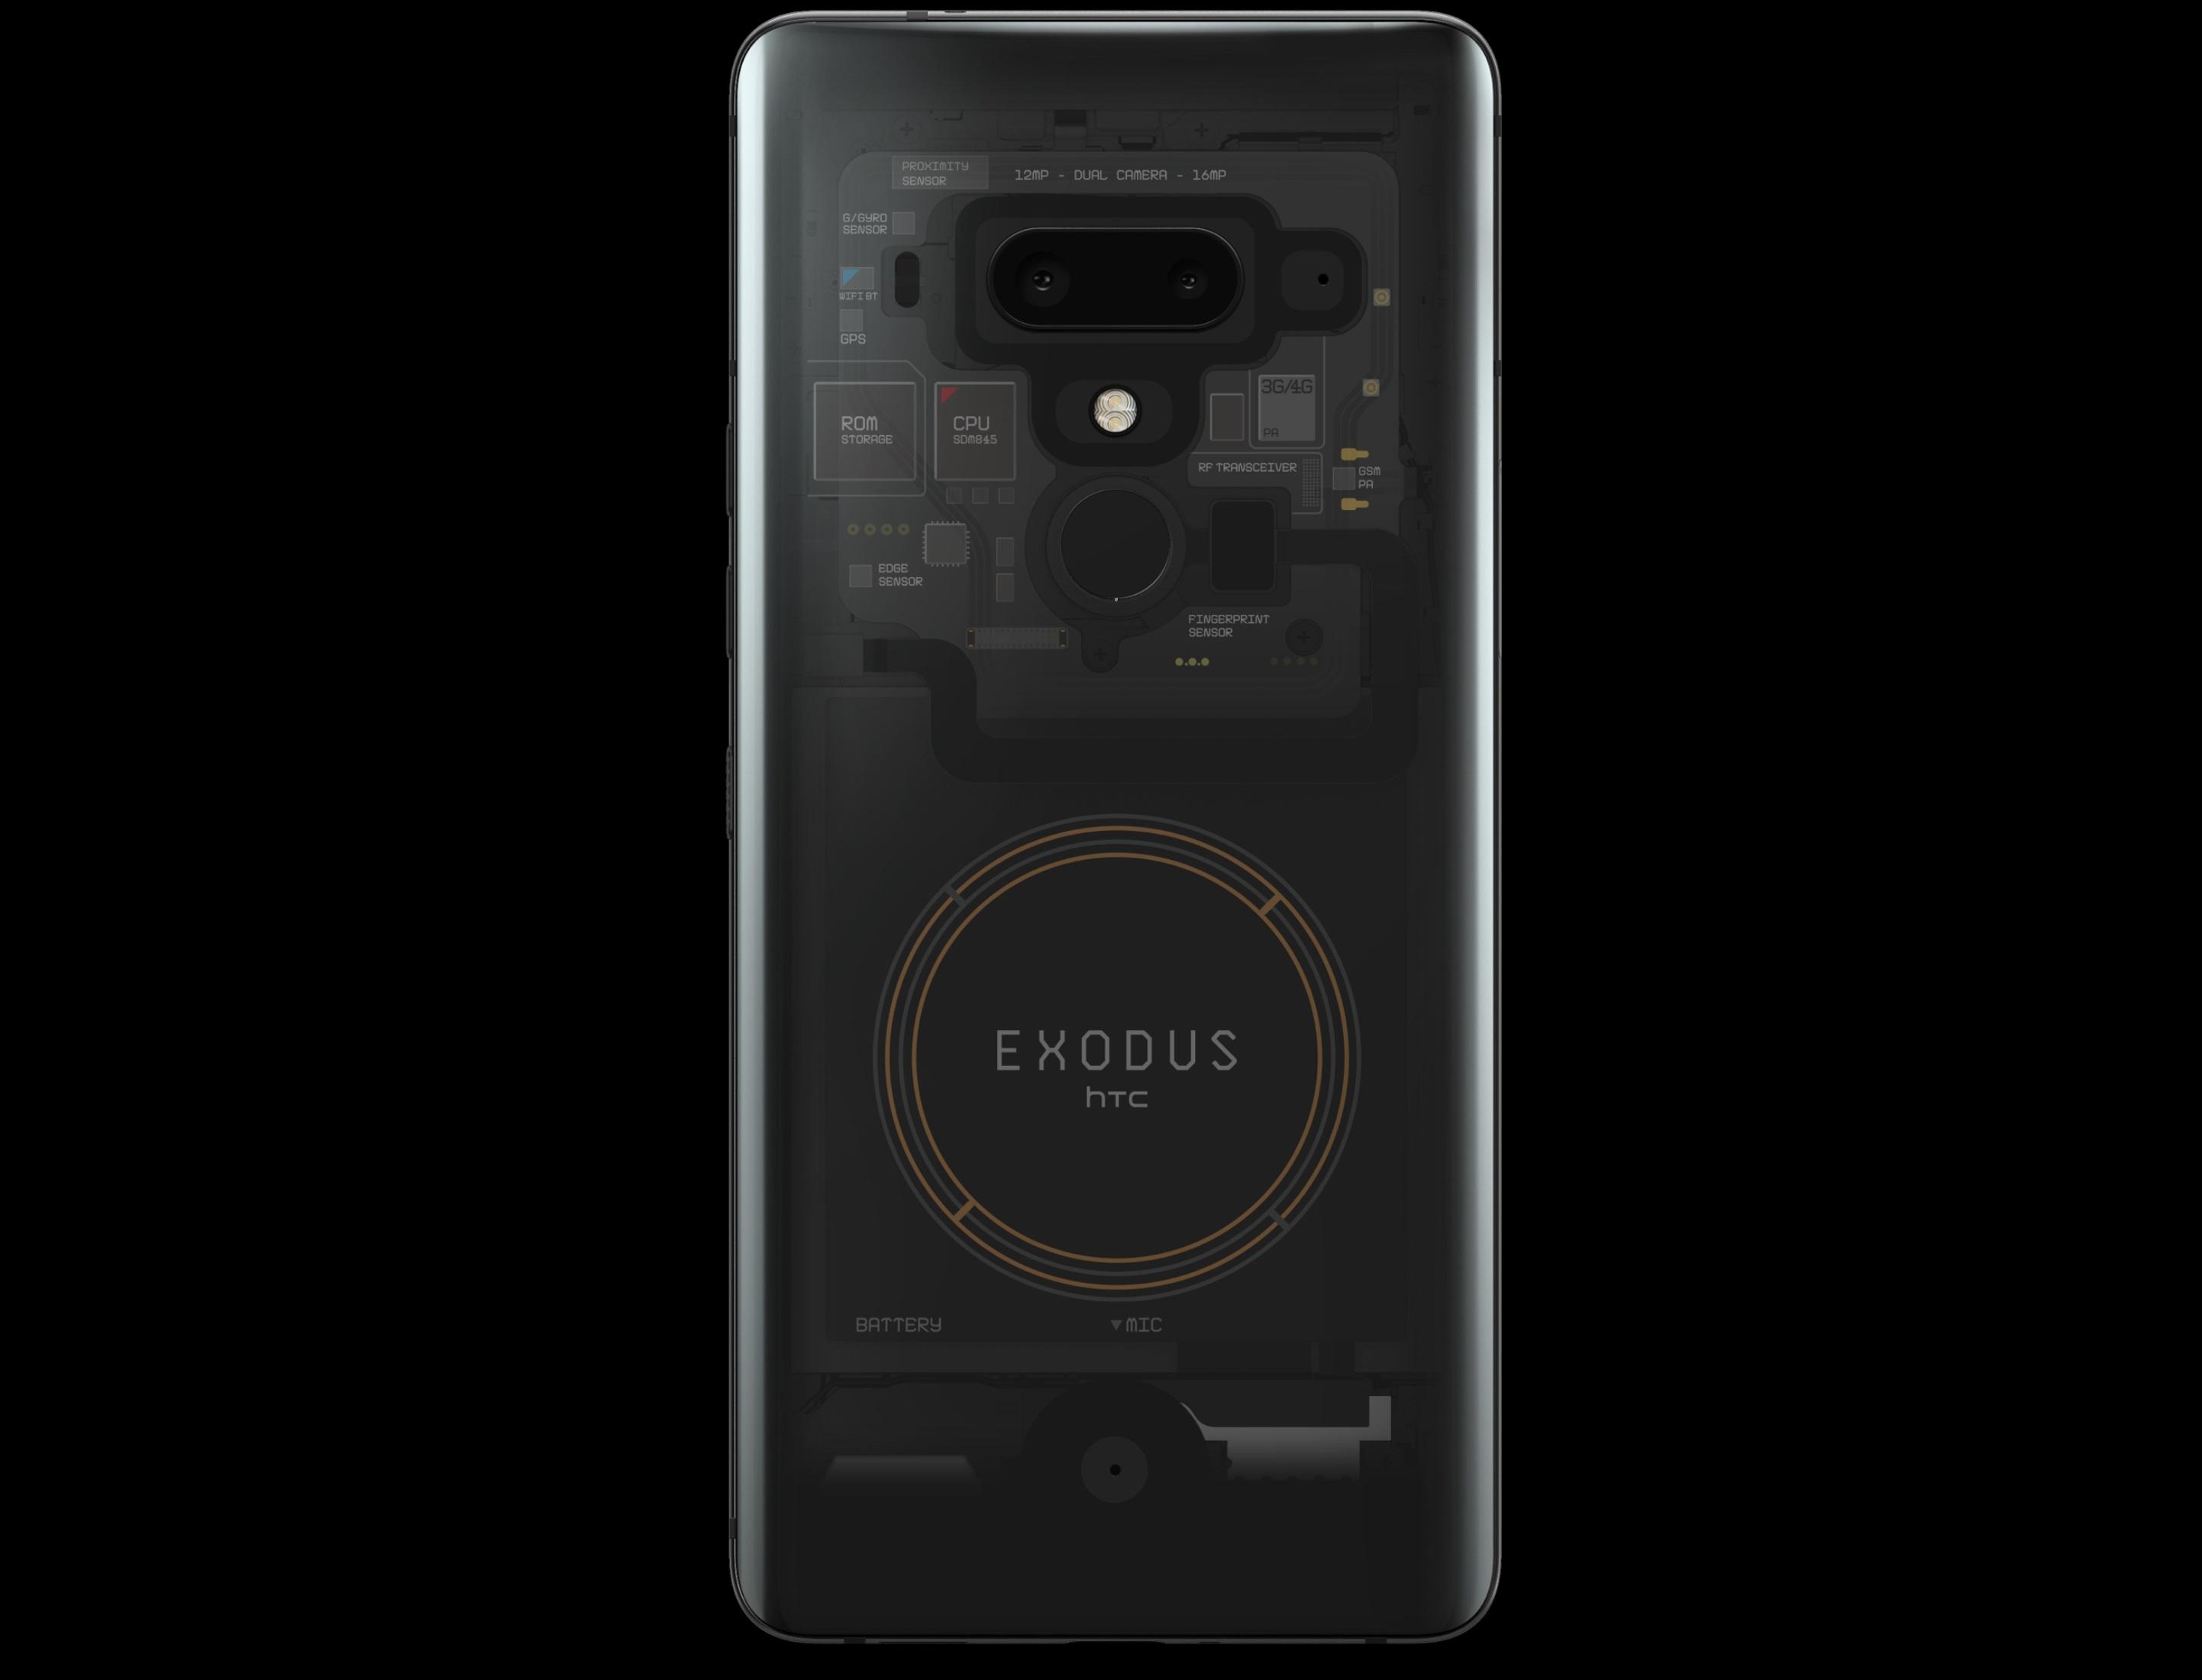 HTC Exodus : un smartphone pour la cryptomonnaie qu'on ne peut acheter qu'en bitcoins et Ethers